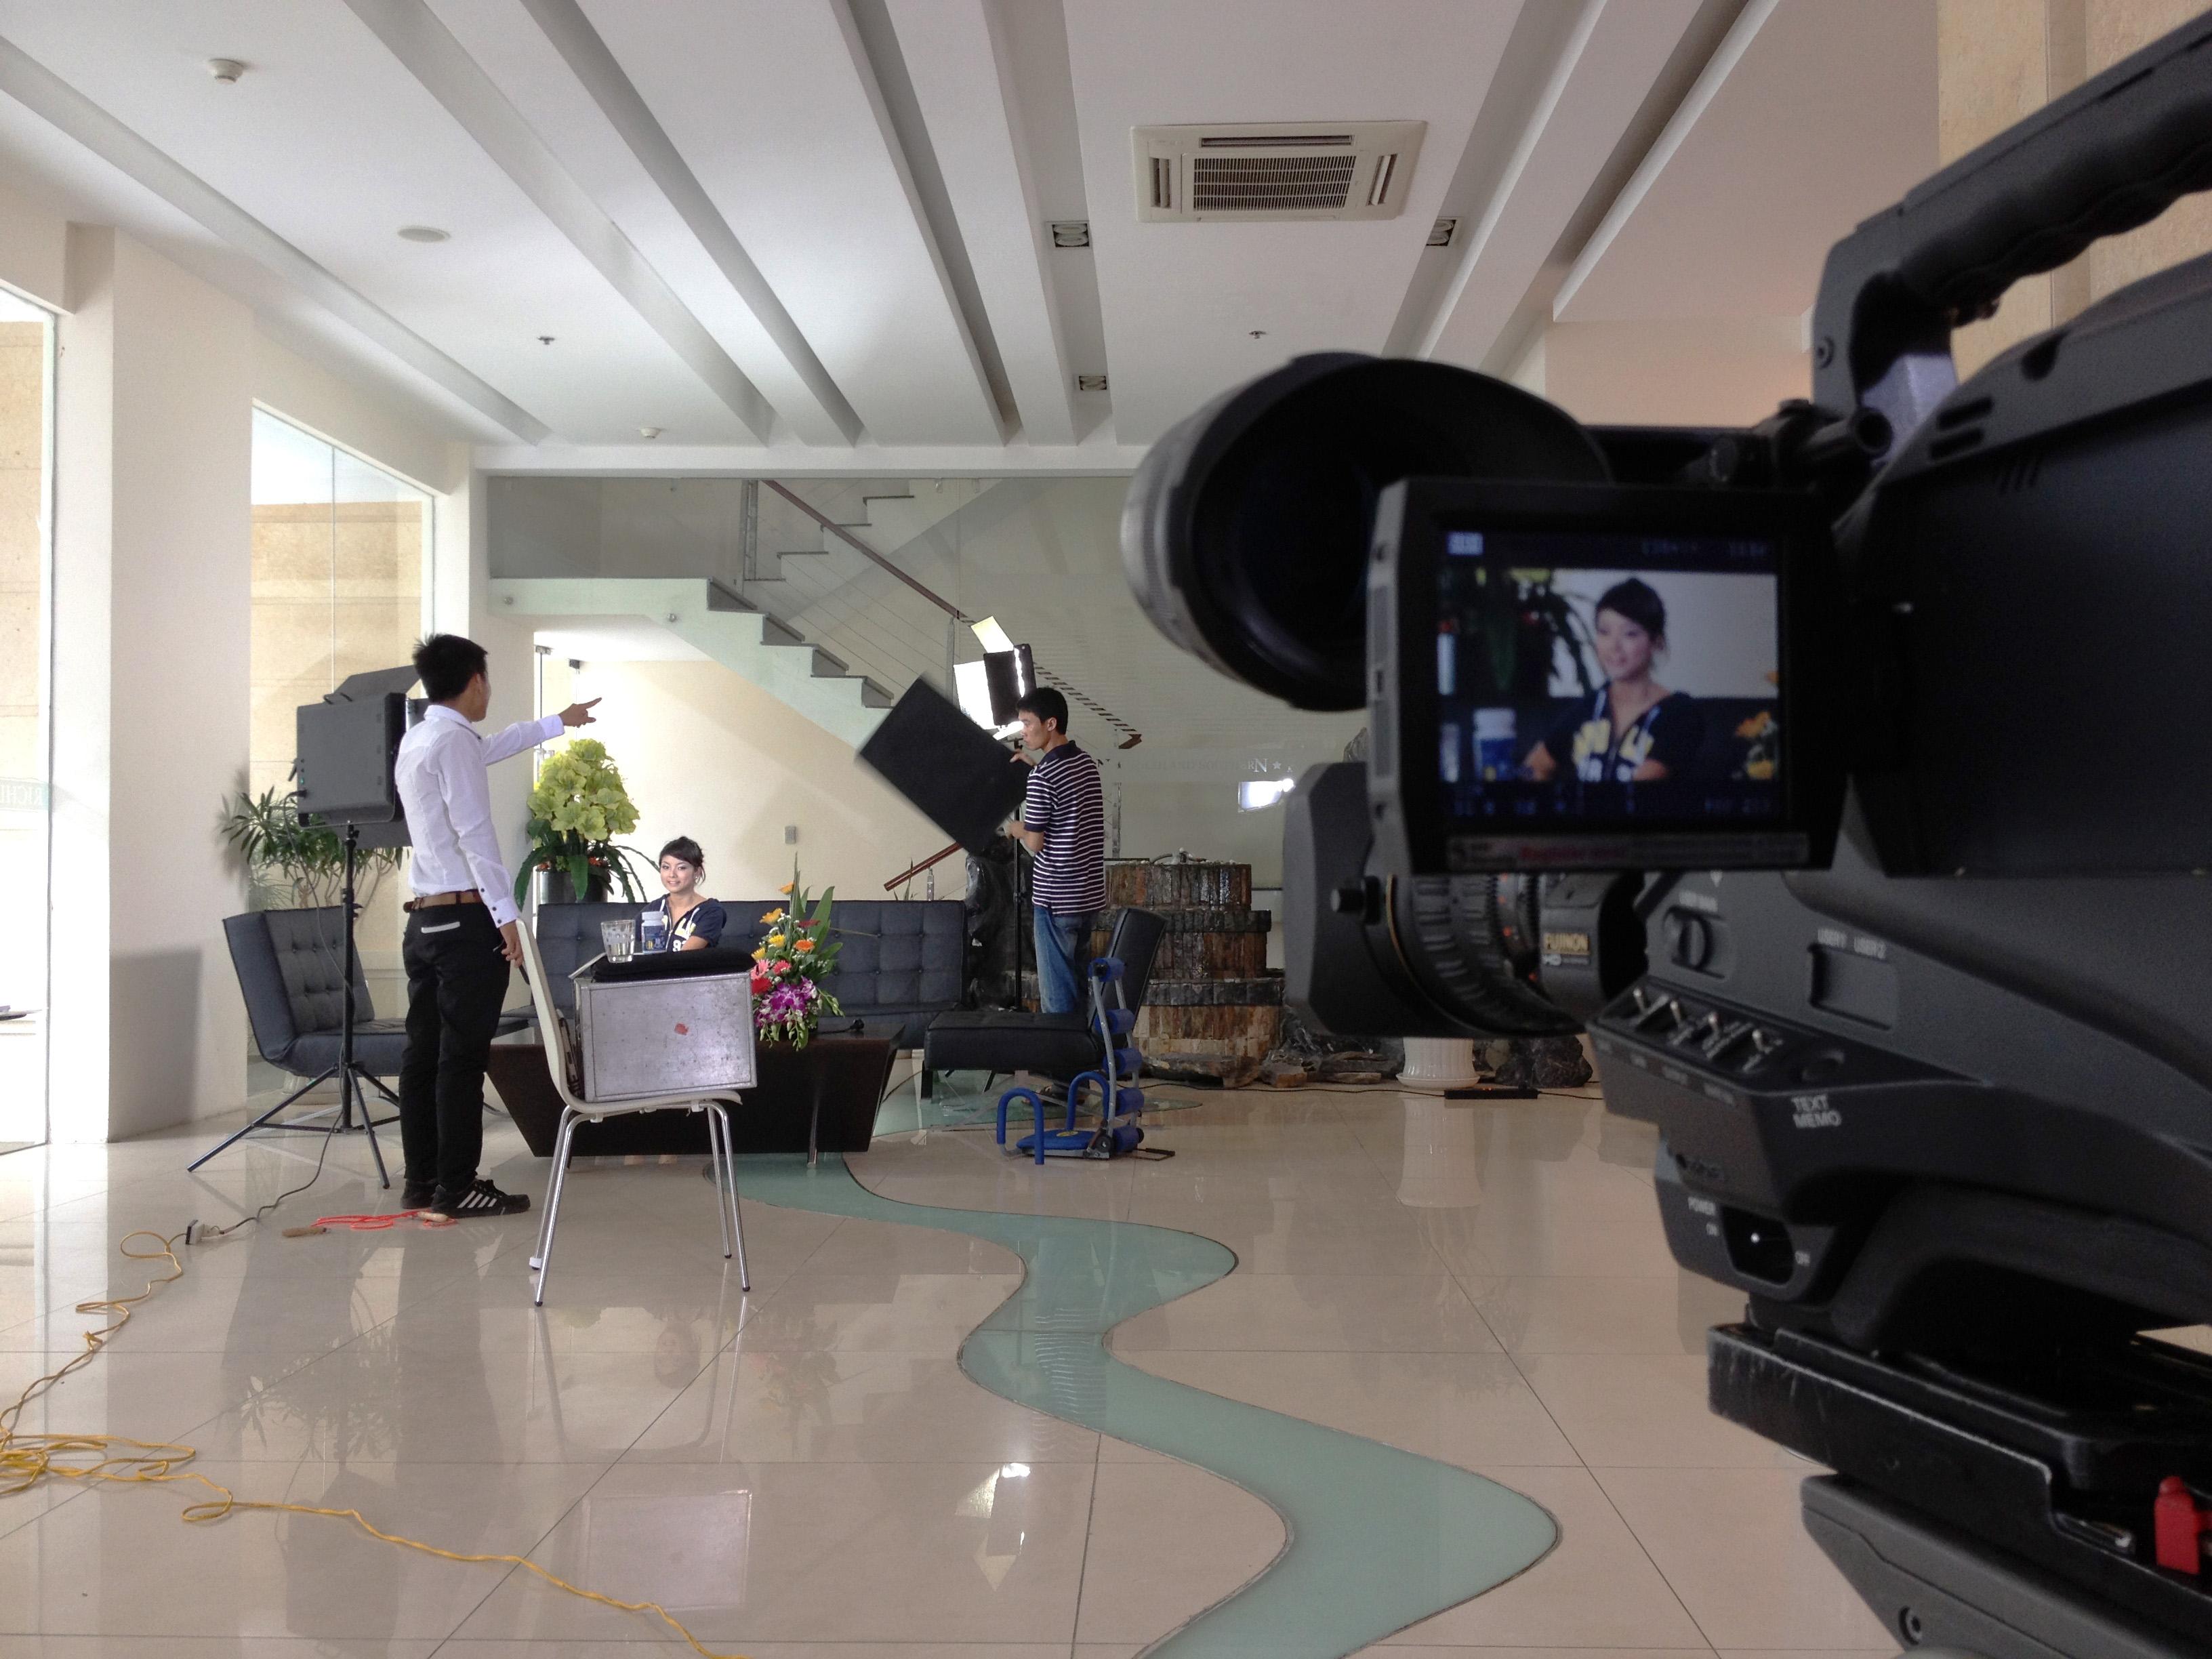 dịch vụ quay phim quảng cáo ở tphcm